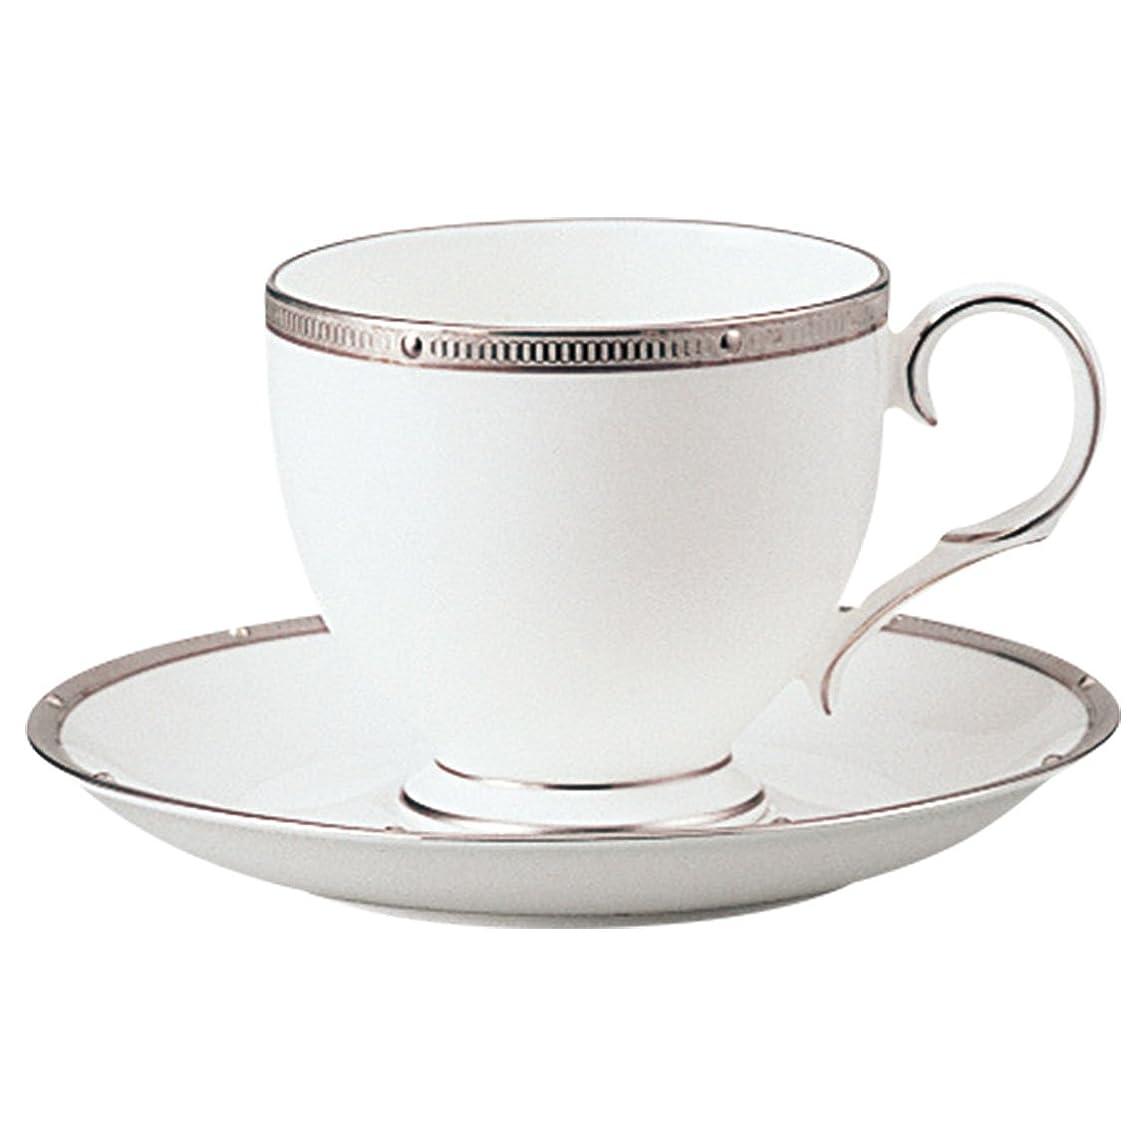 プランタープレミアキウイNoritake ノリタケ カップ & ソーサー ( コーヒー ティー 兼用) 250cc ロシェルプラチナ    ボーンチャイナ T50788A/4795